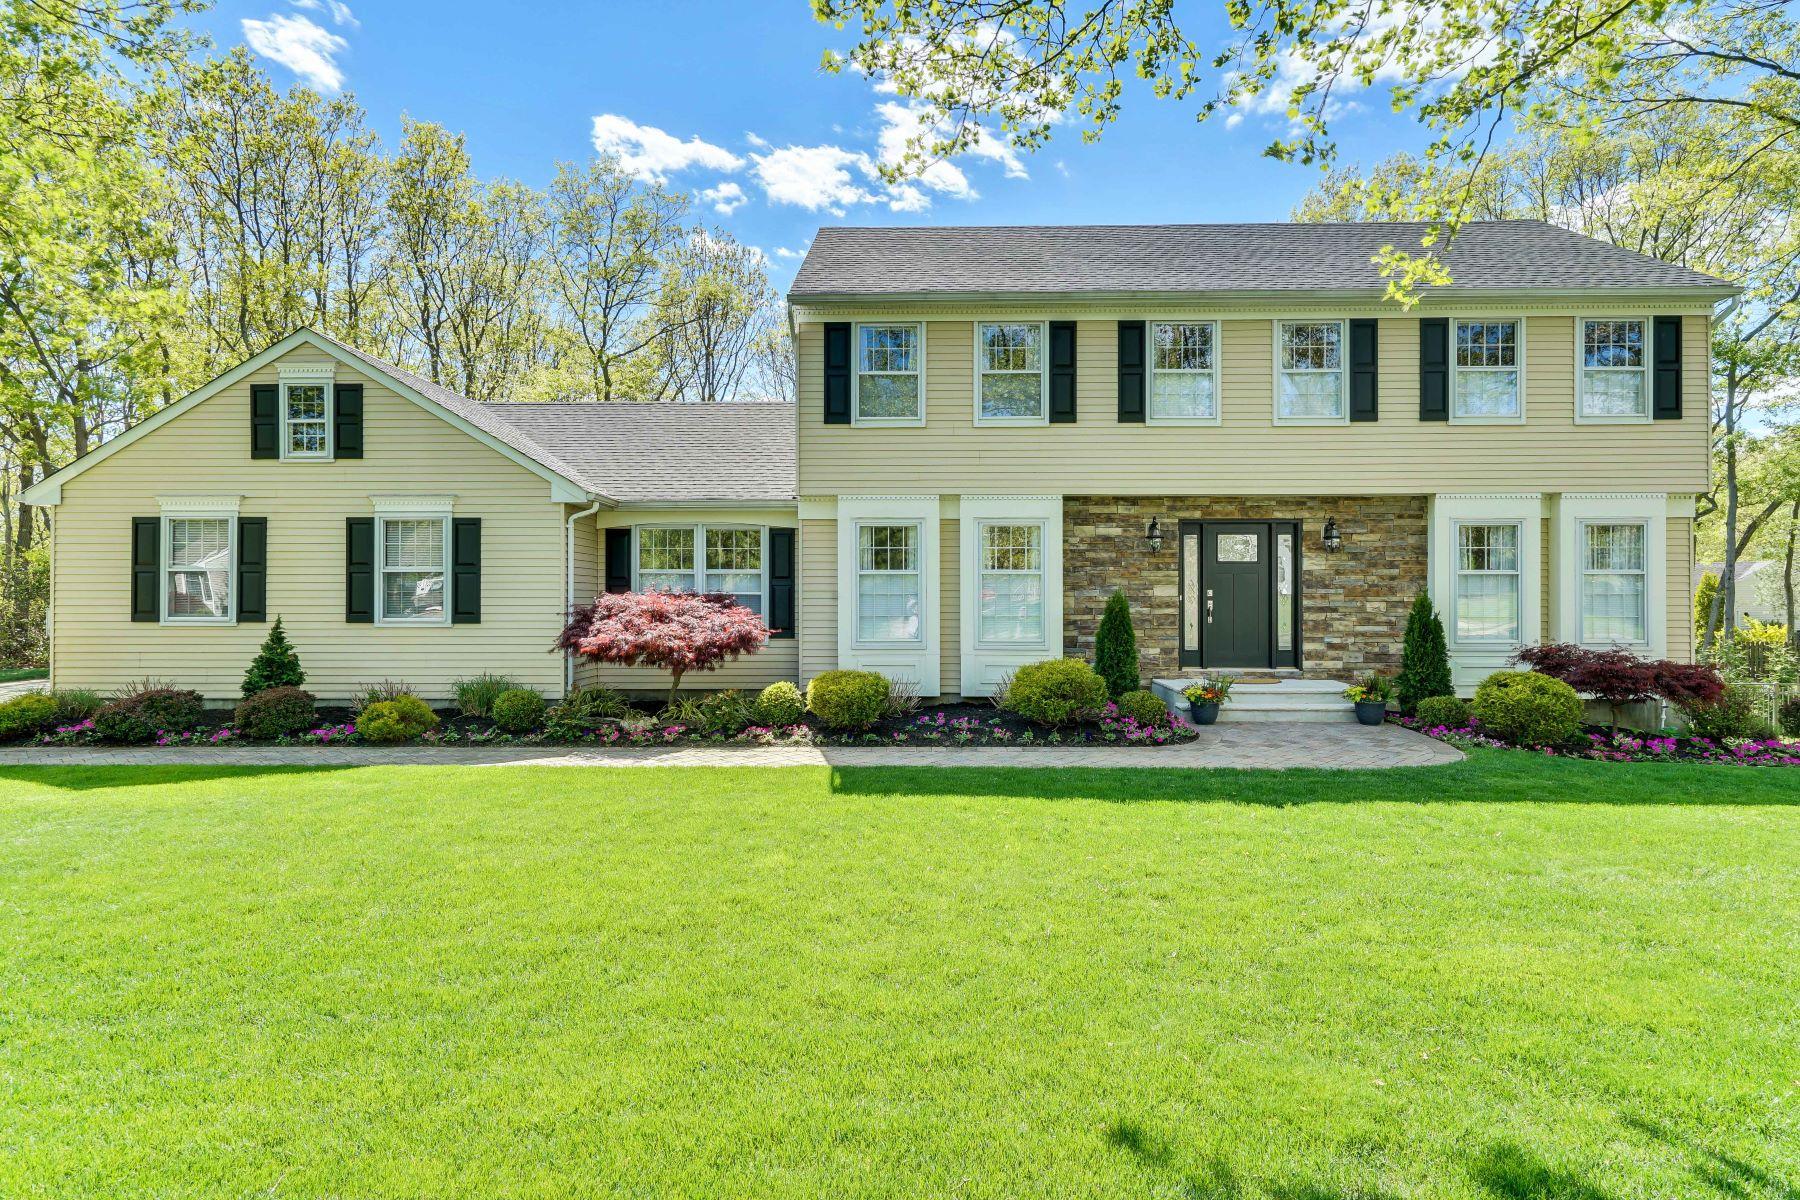 一戸建て のために 売買 アット Updated Colonial in South Wall 2531 Chalet Dr Wall, ニュージャージー, 08736 アメリカ合衆国